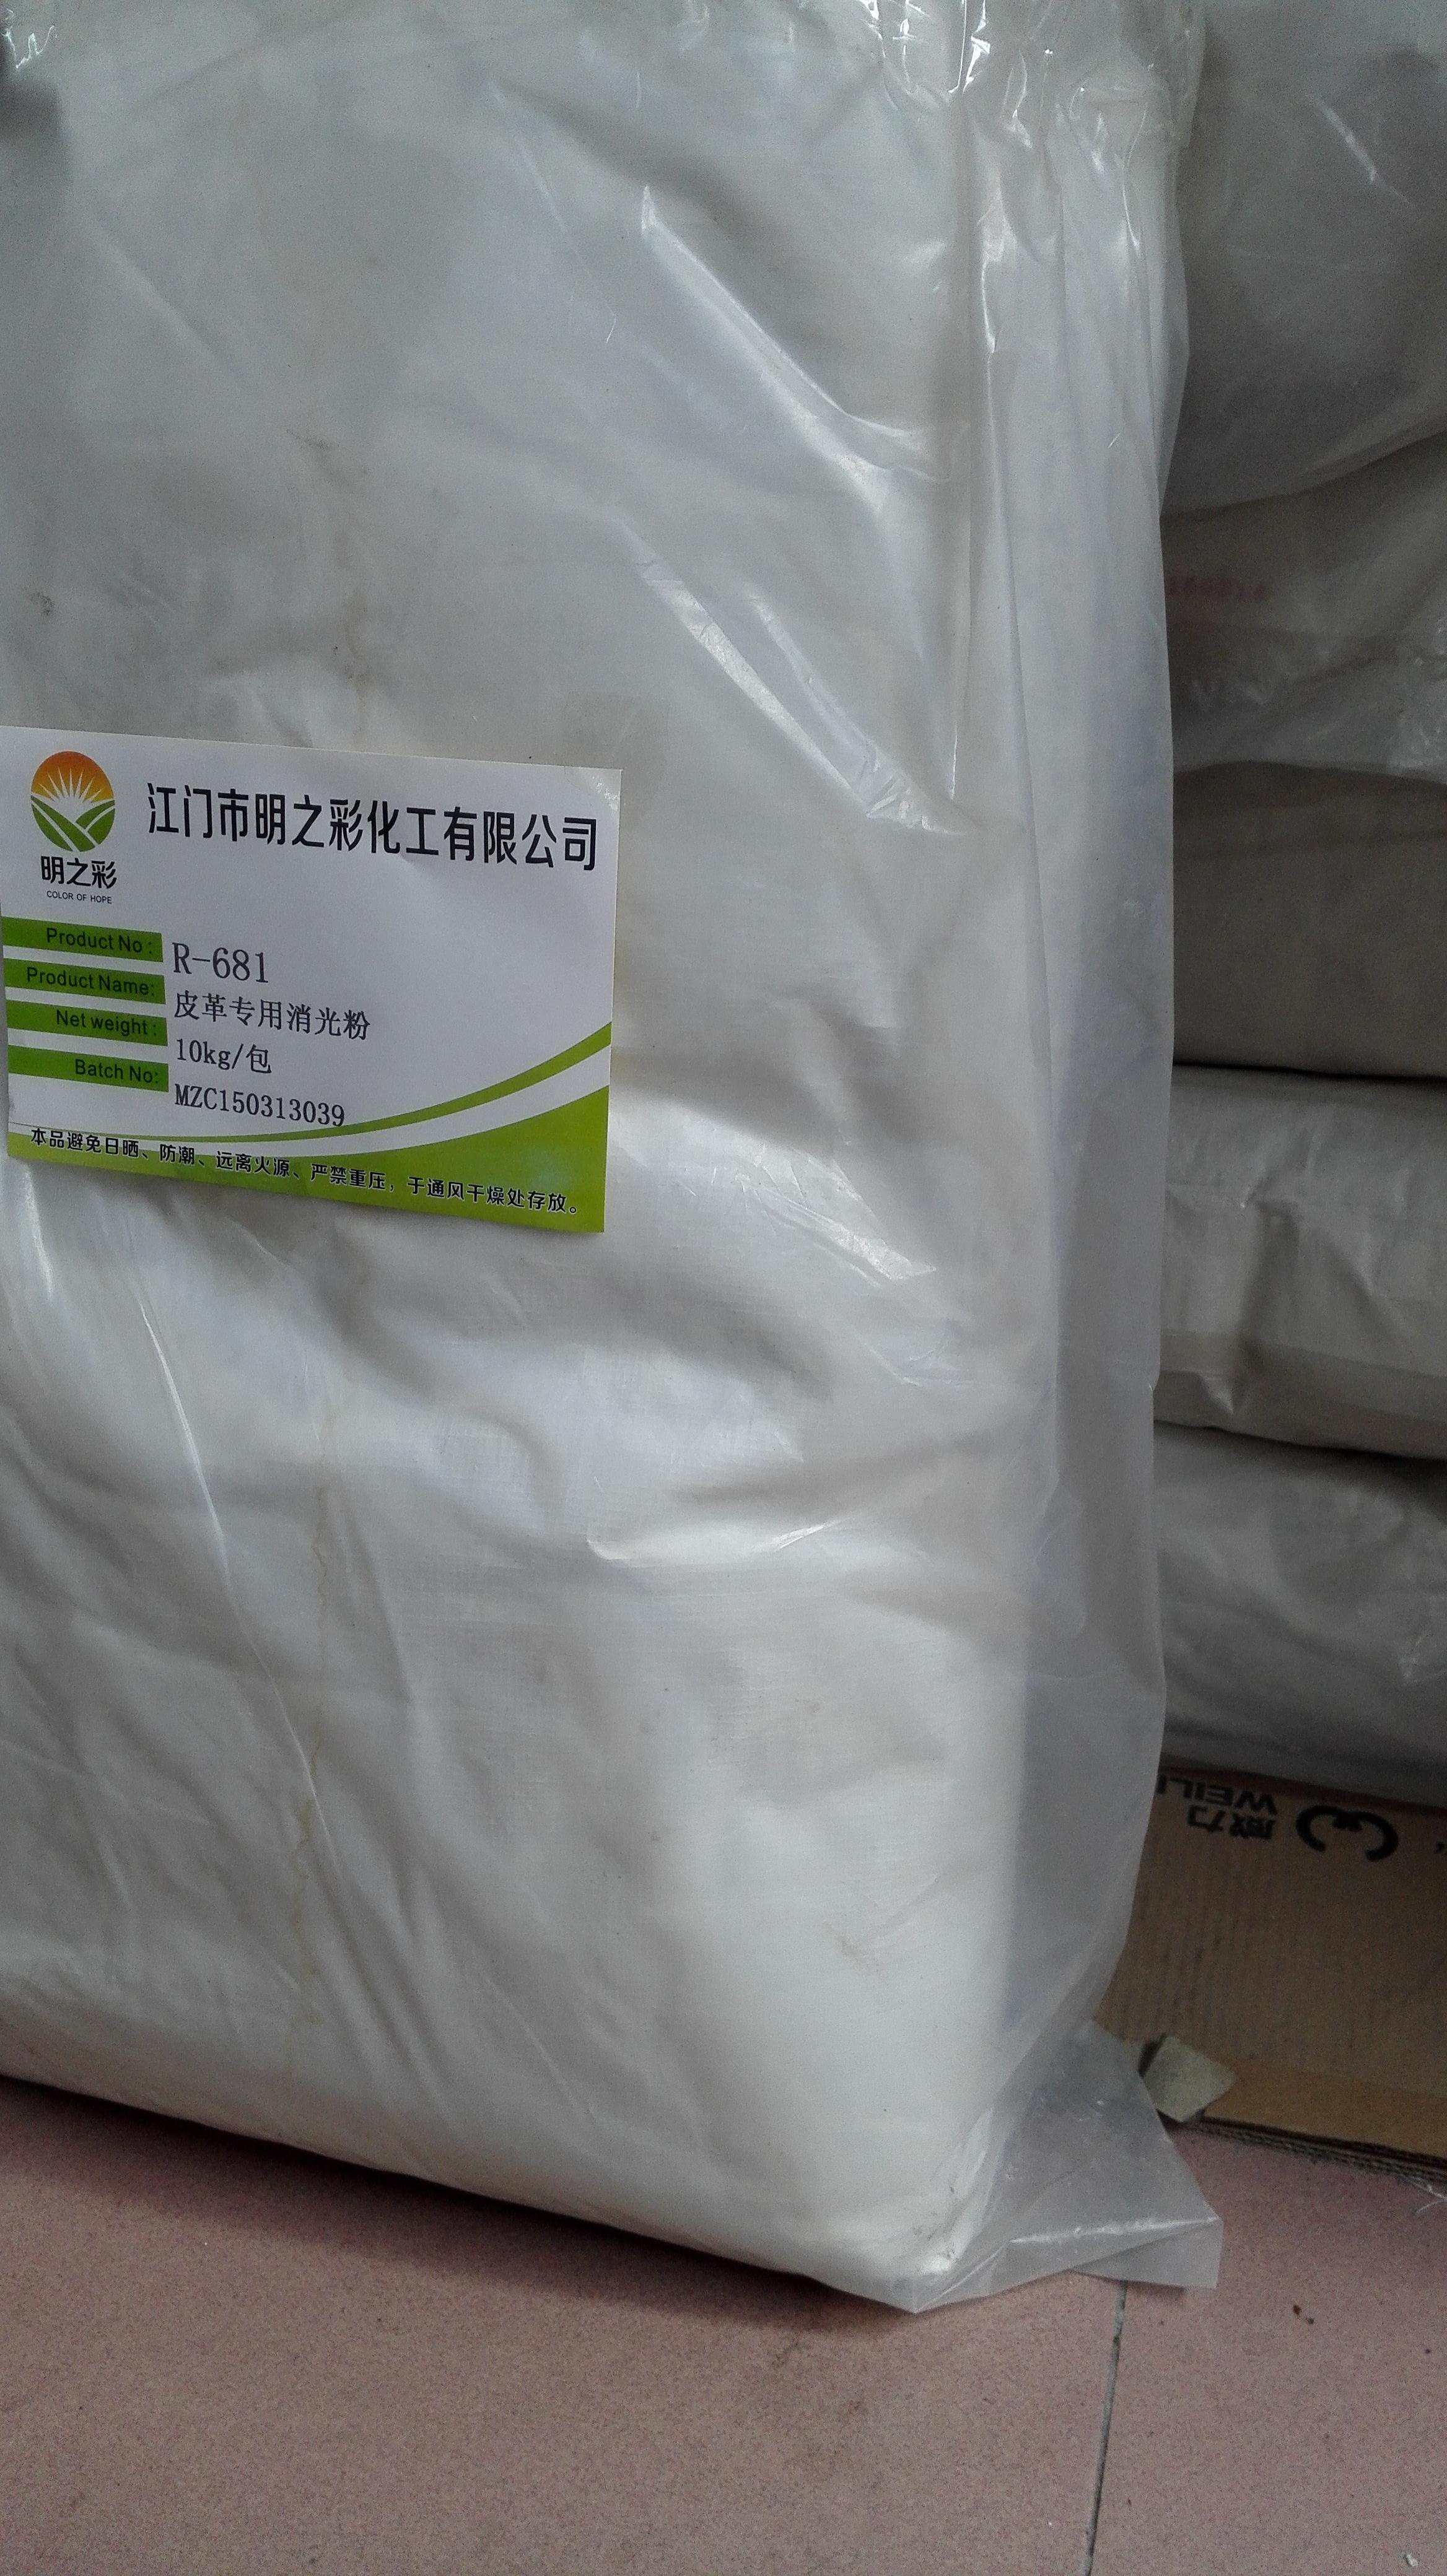 供应用于环氧地坪防沉的R-2000 地坪专用增稠防沉剂 地坪专用增稠防沉剂哪里有卖